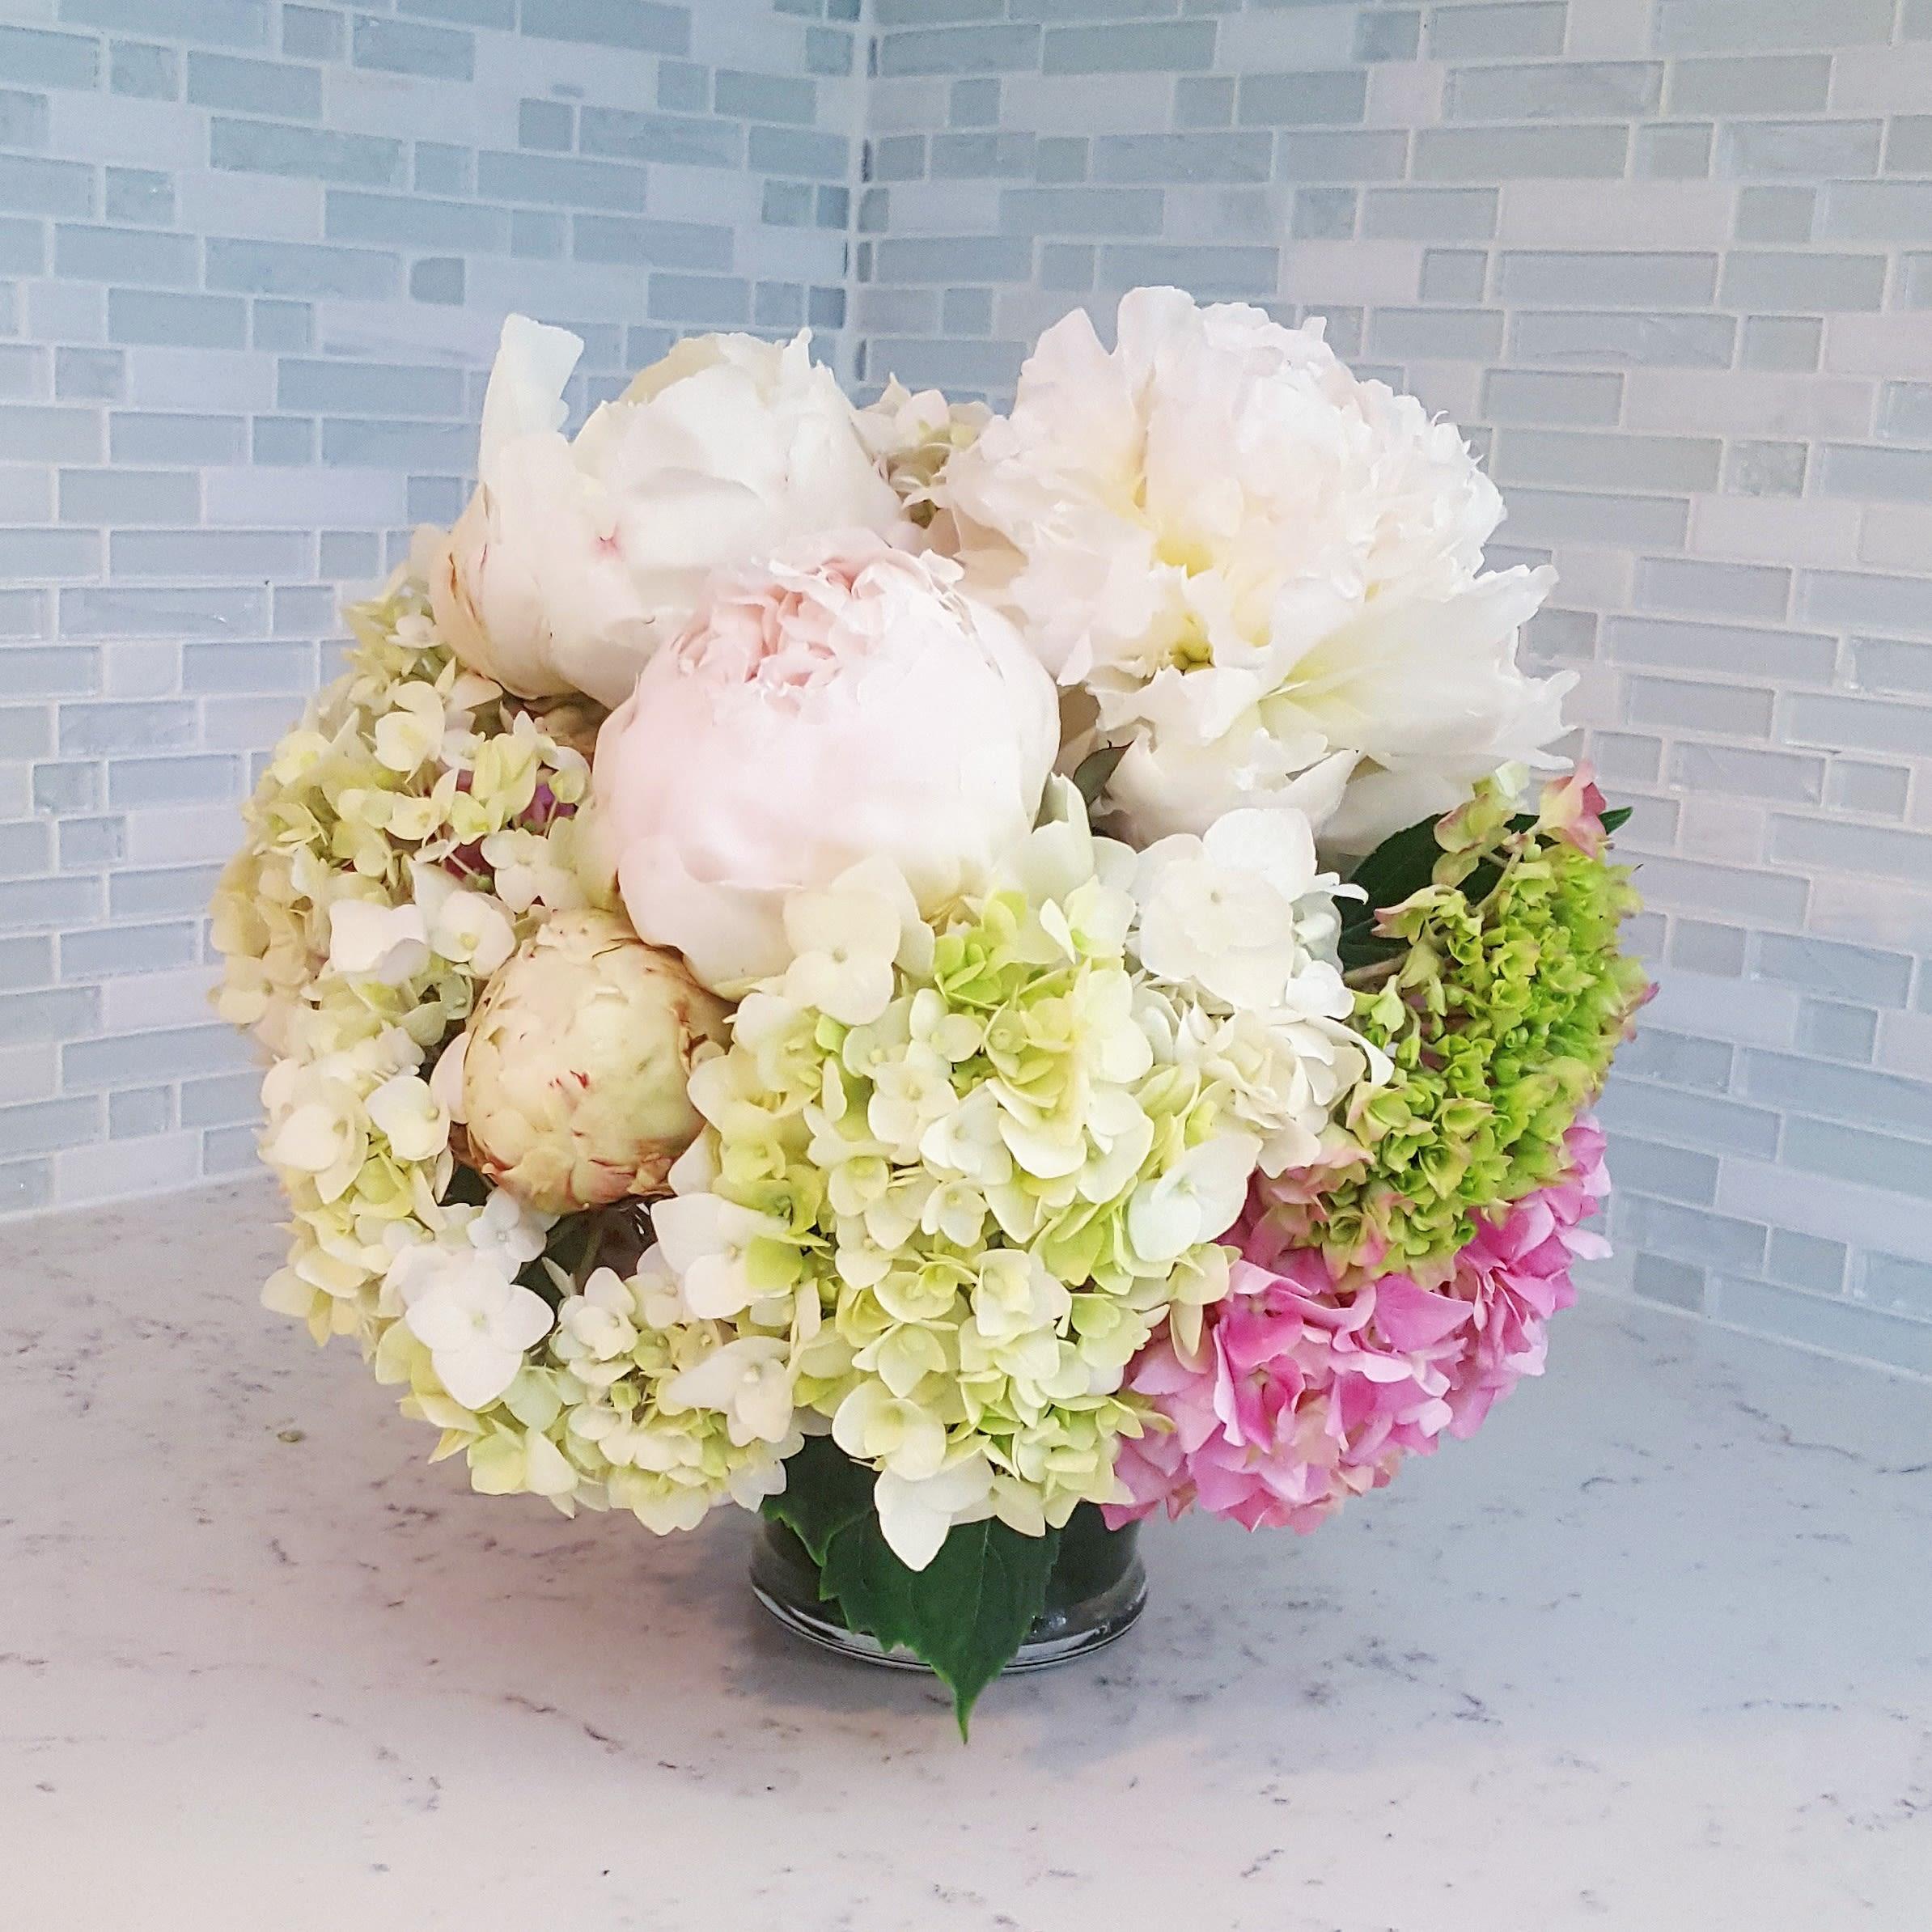 Peony And Hydrangea Luxury Centerpiece Arrangement By Dahlia Bud